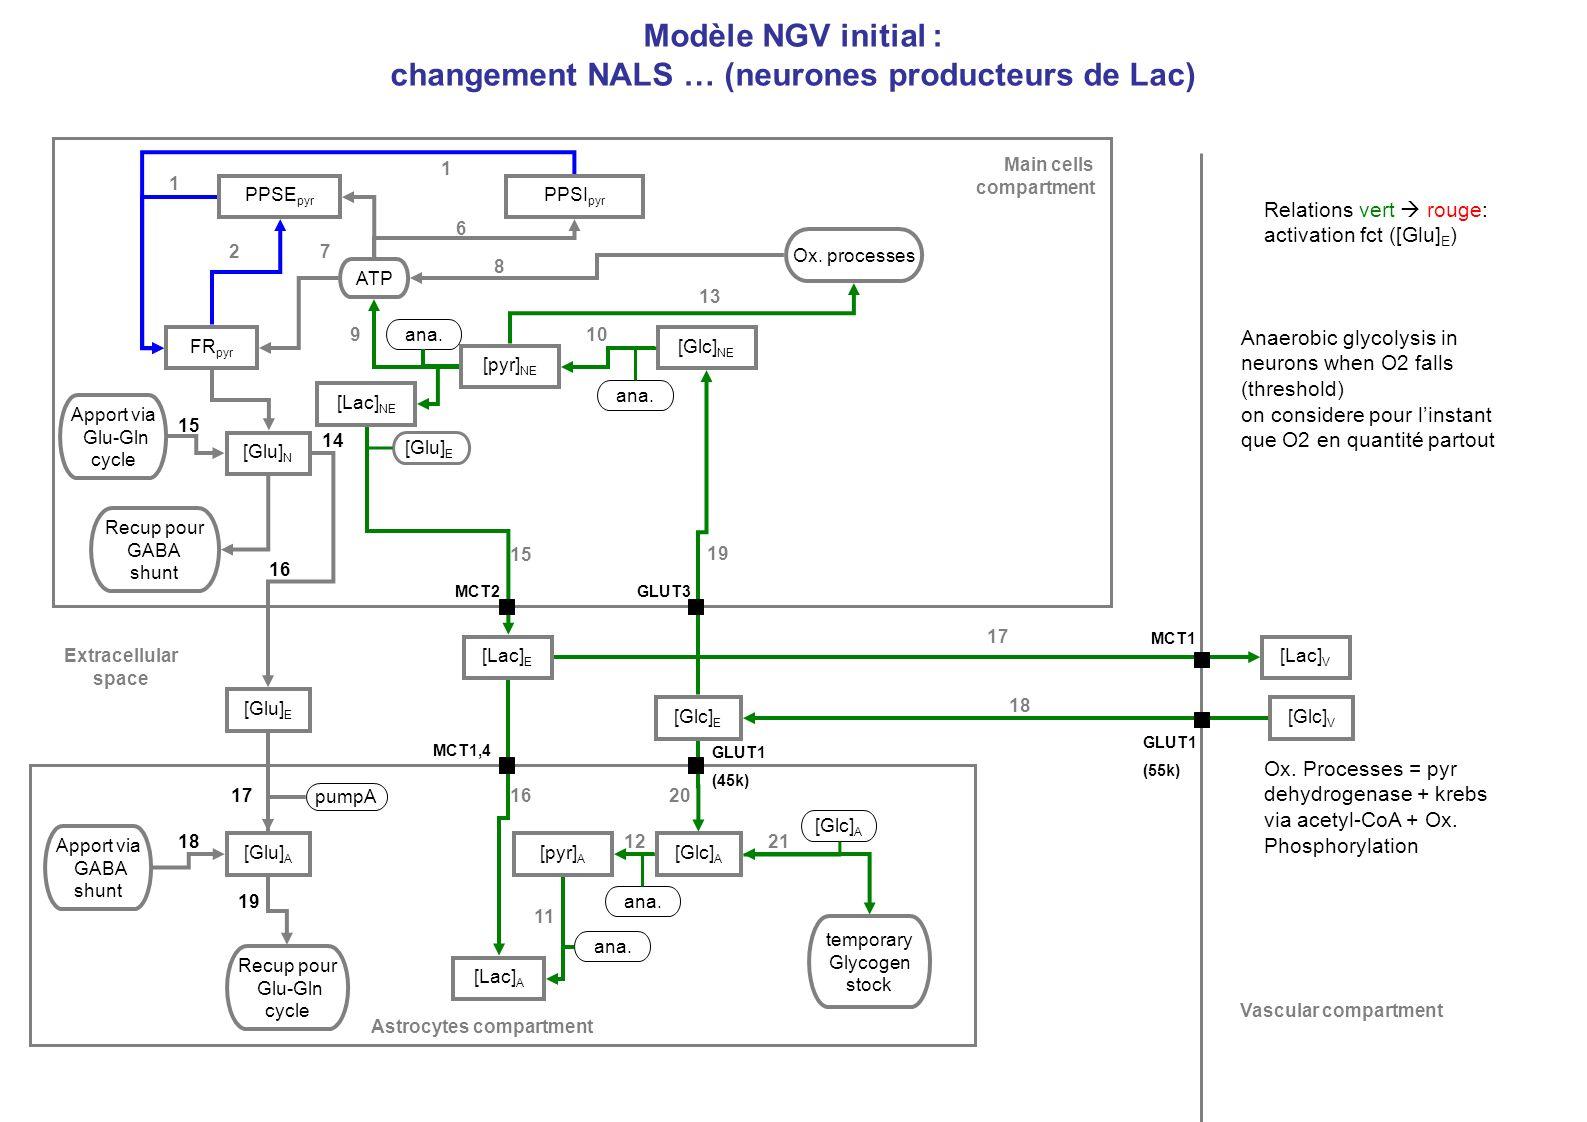 Modèle NGV initial : changement NALS … (neurones producteurs de Lac)